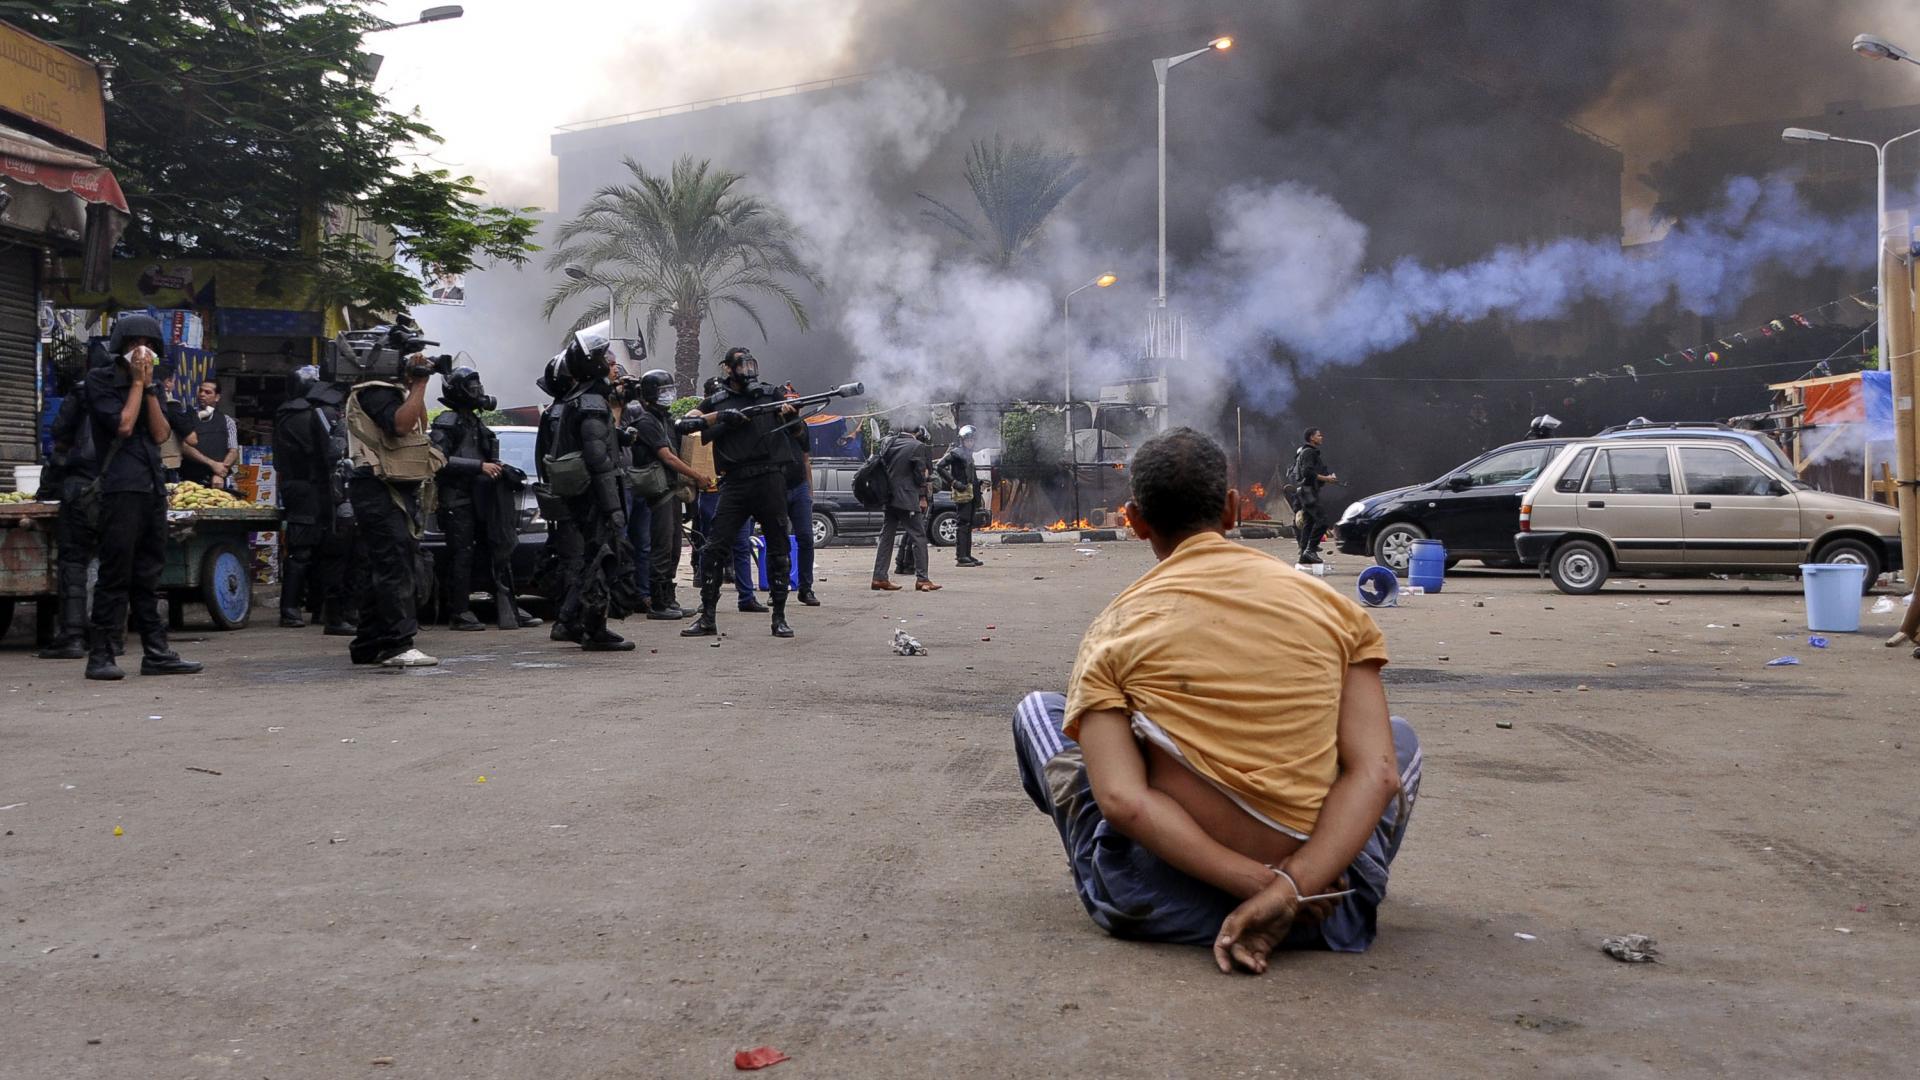 """النيابة العامة المصرية ترد على تقرير """"هيومن رايتس"""" بشأن تعذيب المعتقلين على يد الشرطة"""